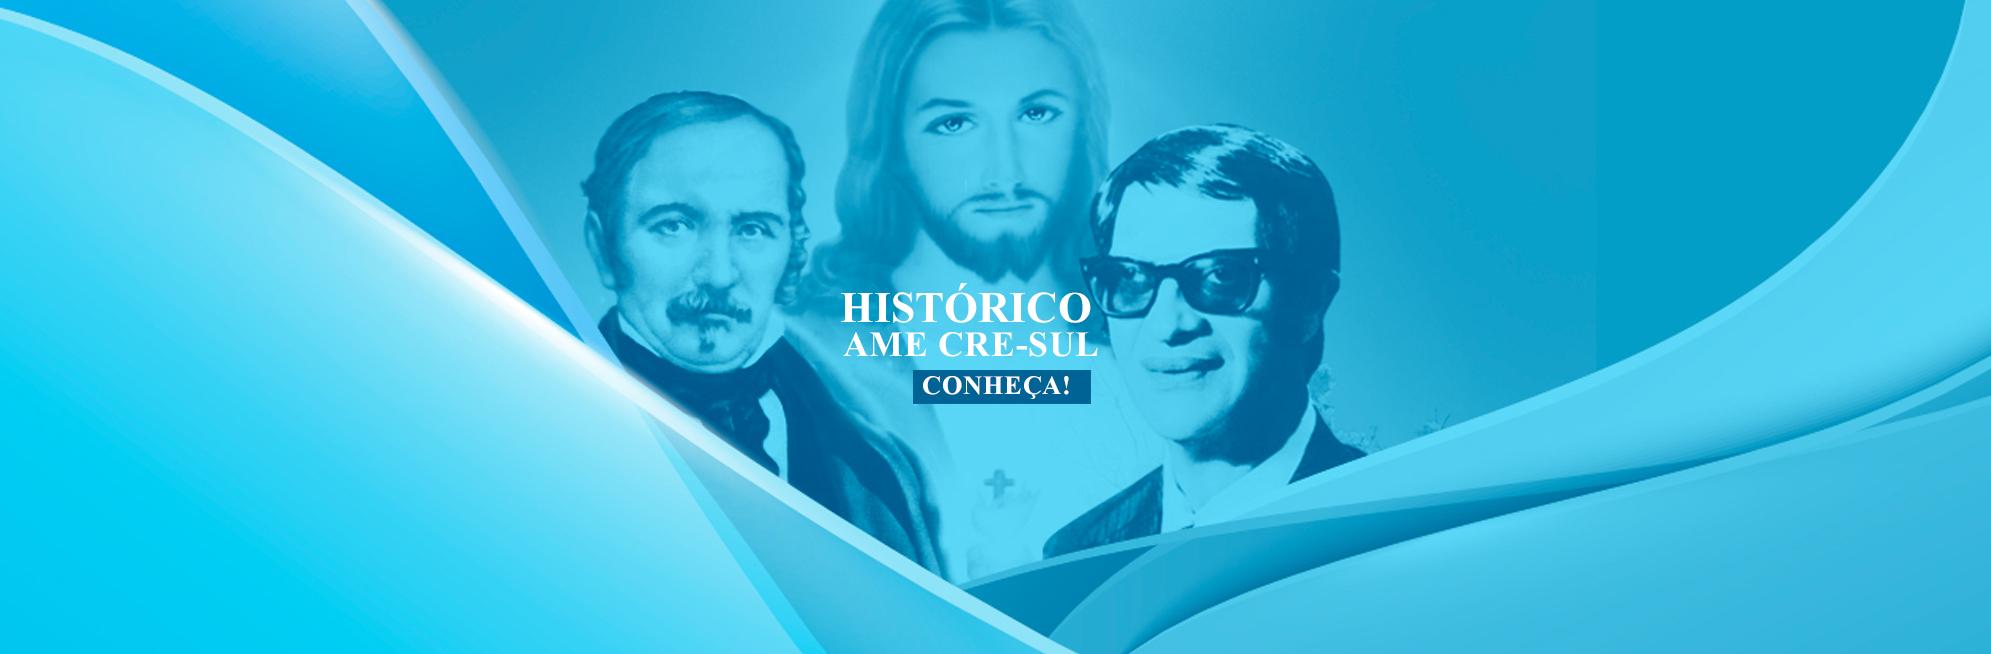 AMECRESUL_historico2